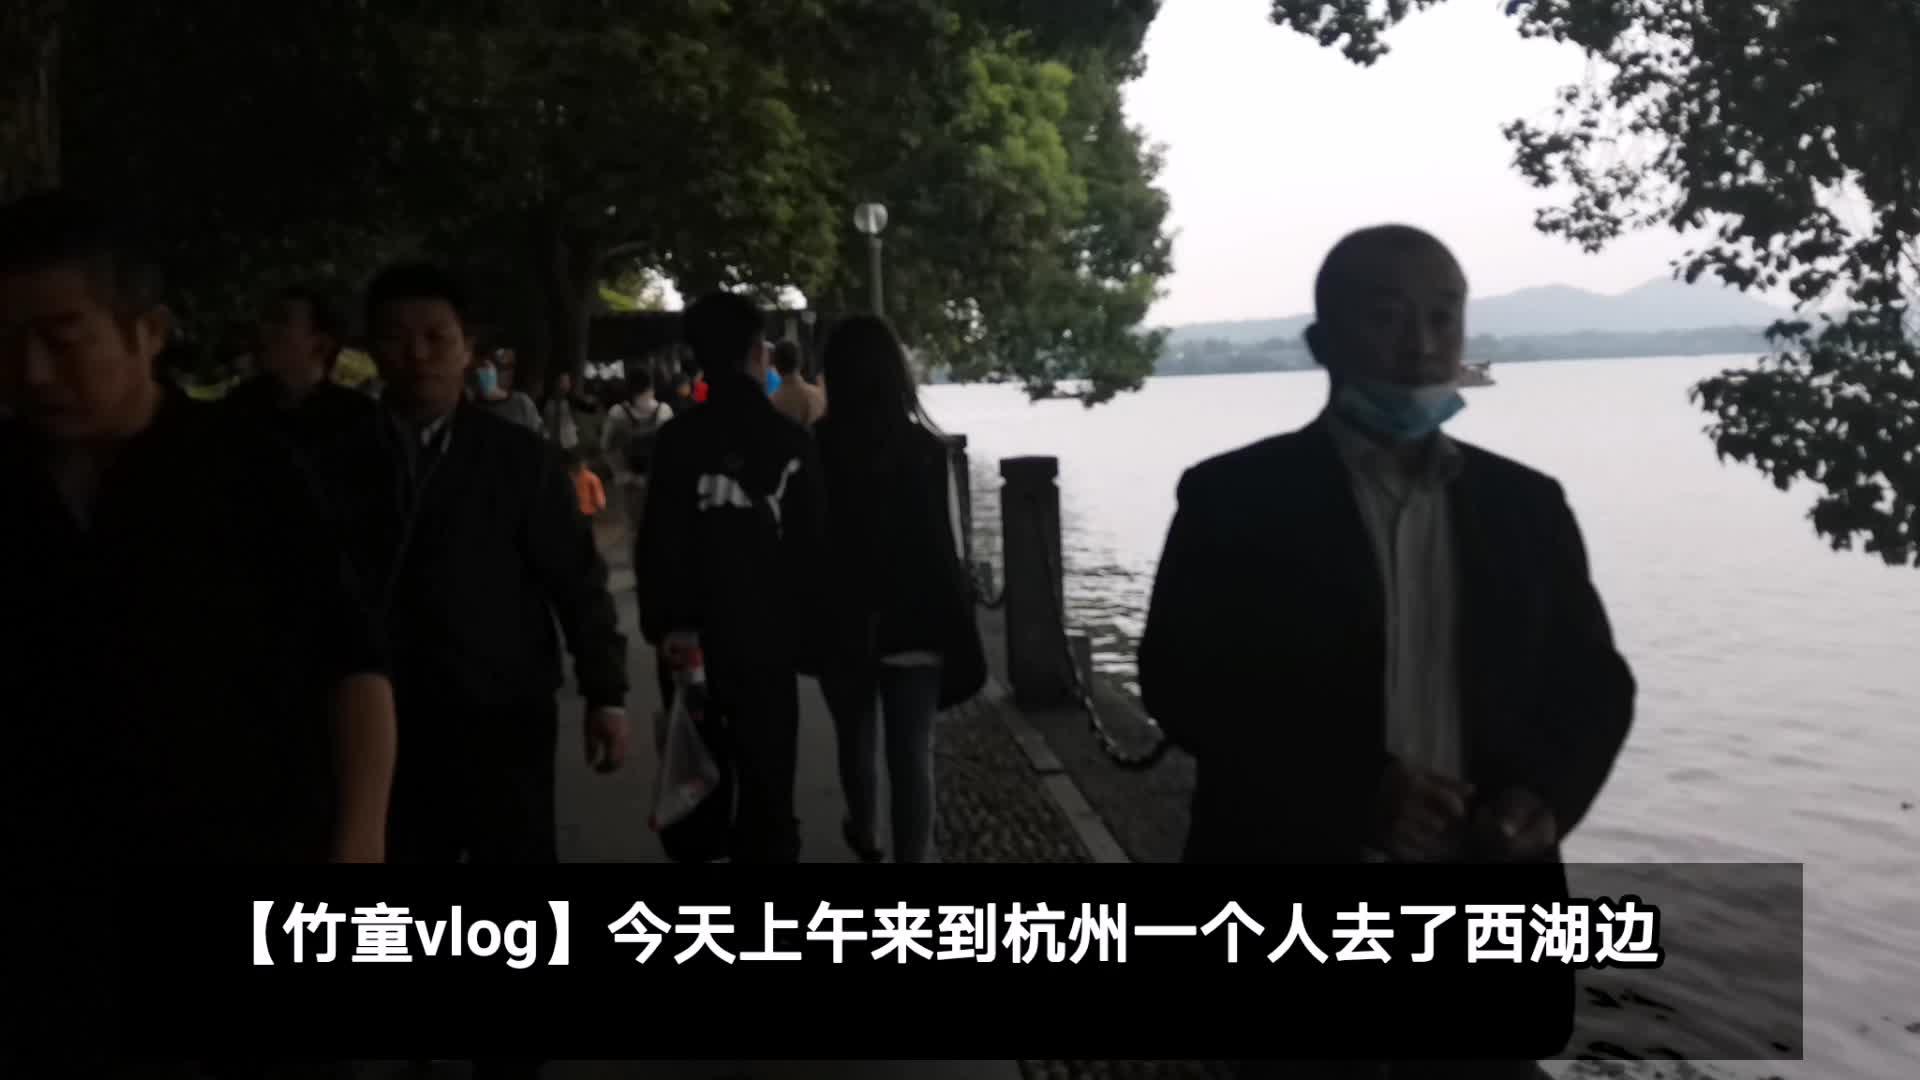 【竹童vlog】今天上午来到杭州一个人去了西湖边